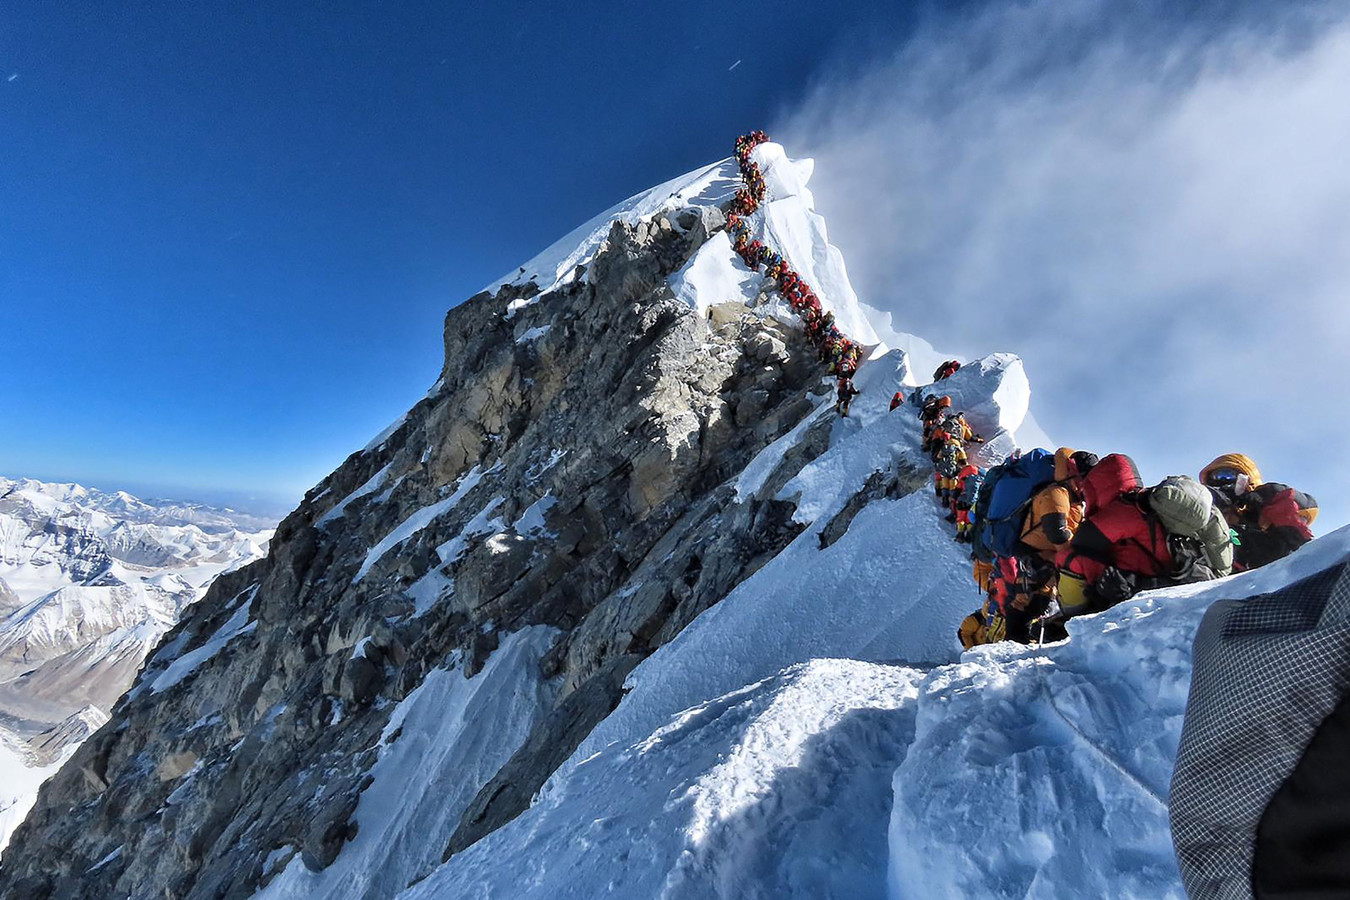 Des photos impressionnantes montraient ces derniers jours une longue queue d'alpinistes emmitouflés piétinant en crampons les uns derrière les autres sur l'arête située entre la cime et le col Sud, où se trouve l'ultime campement du versant népalais.